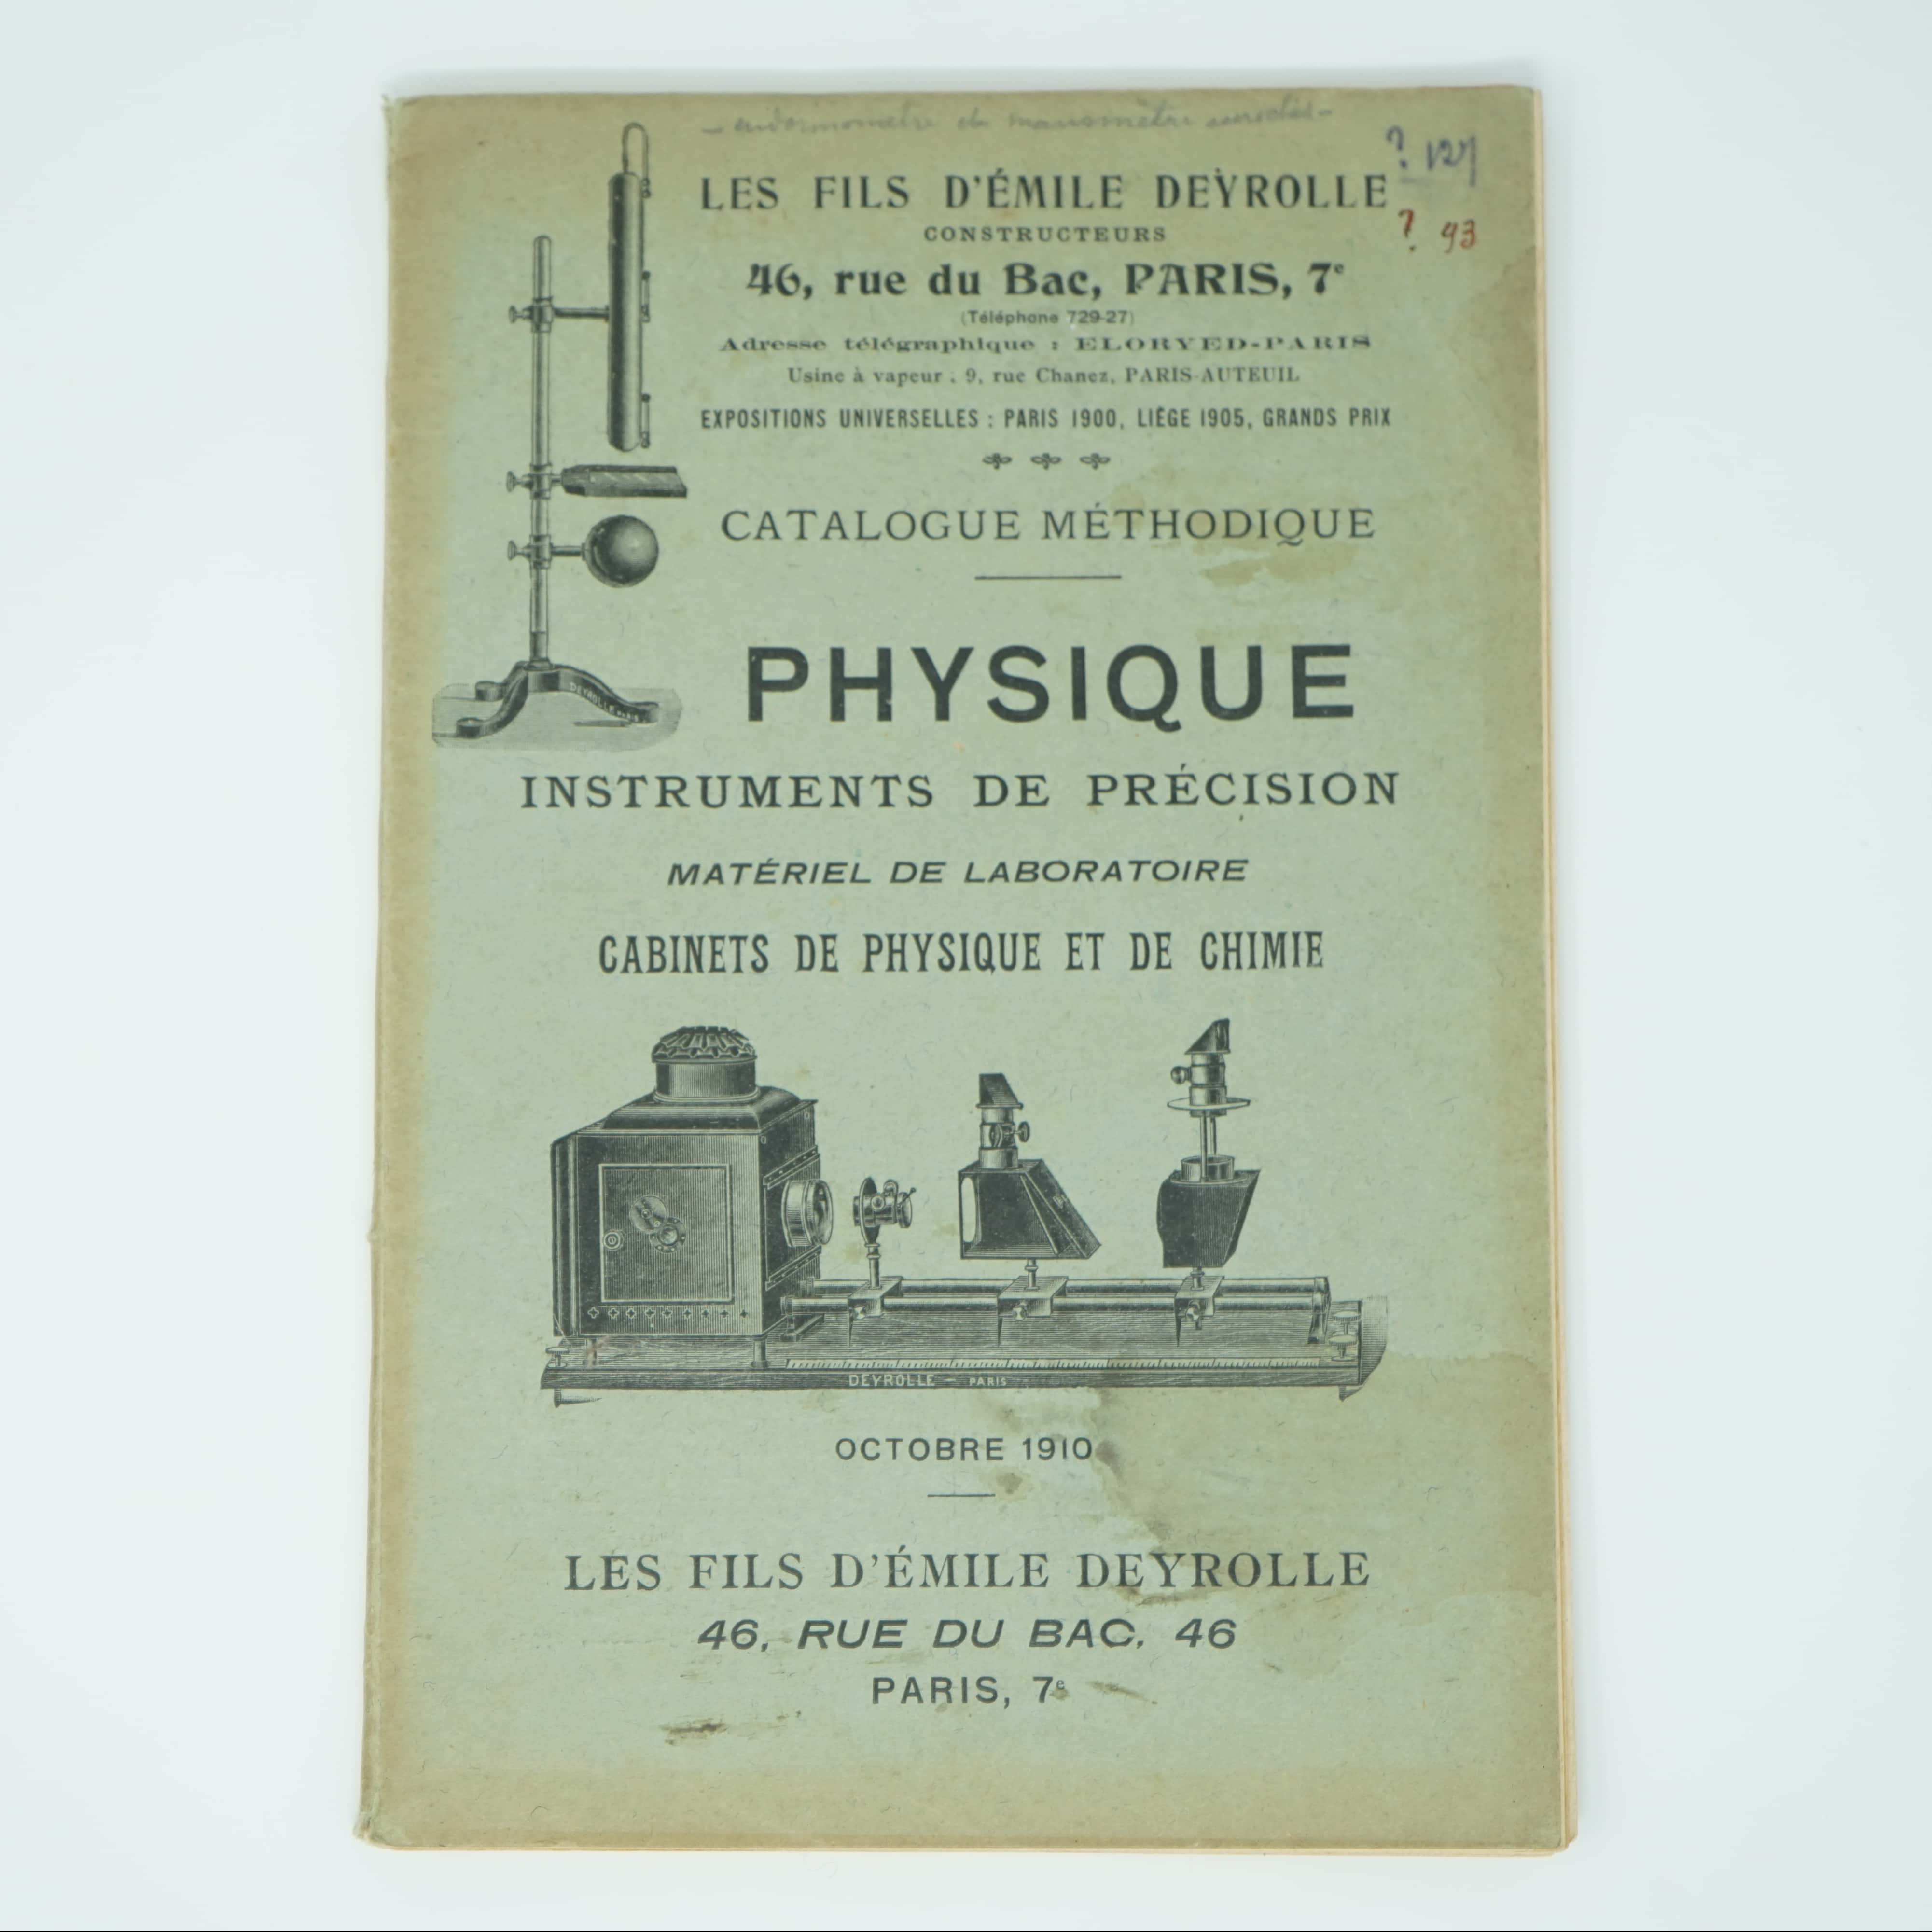 Catalogue d'Instruments Physique de Précision couverture